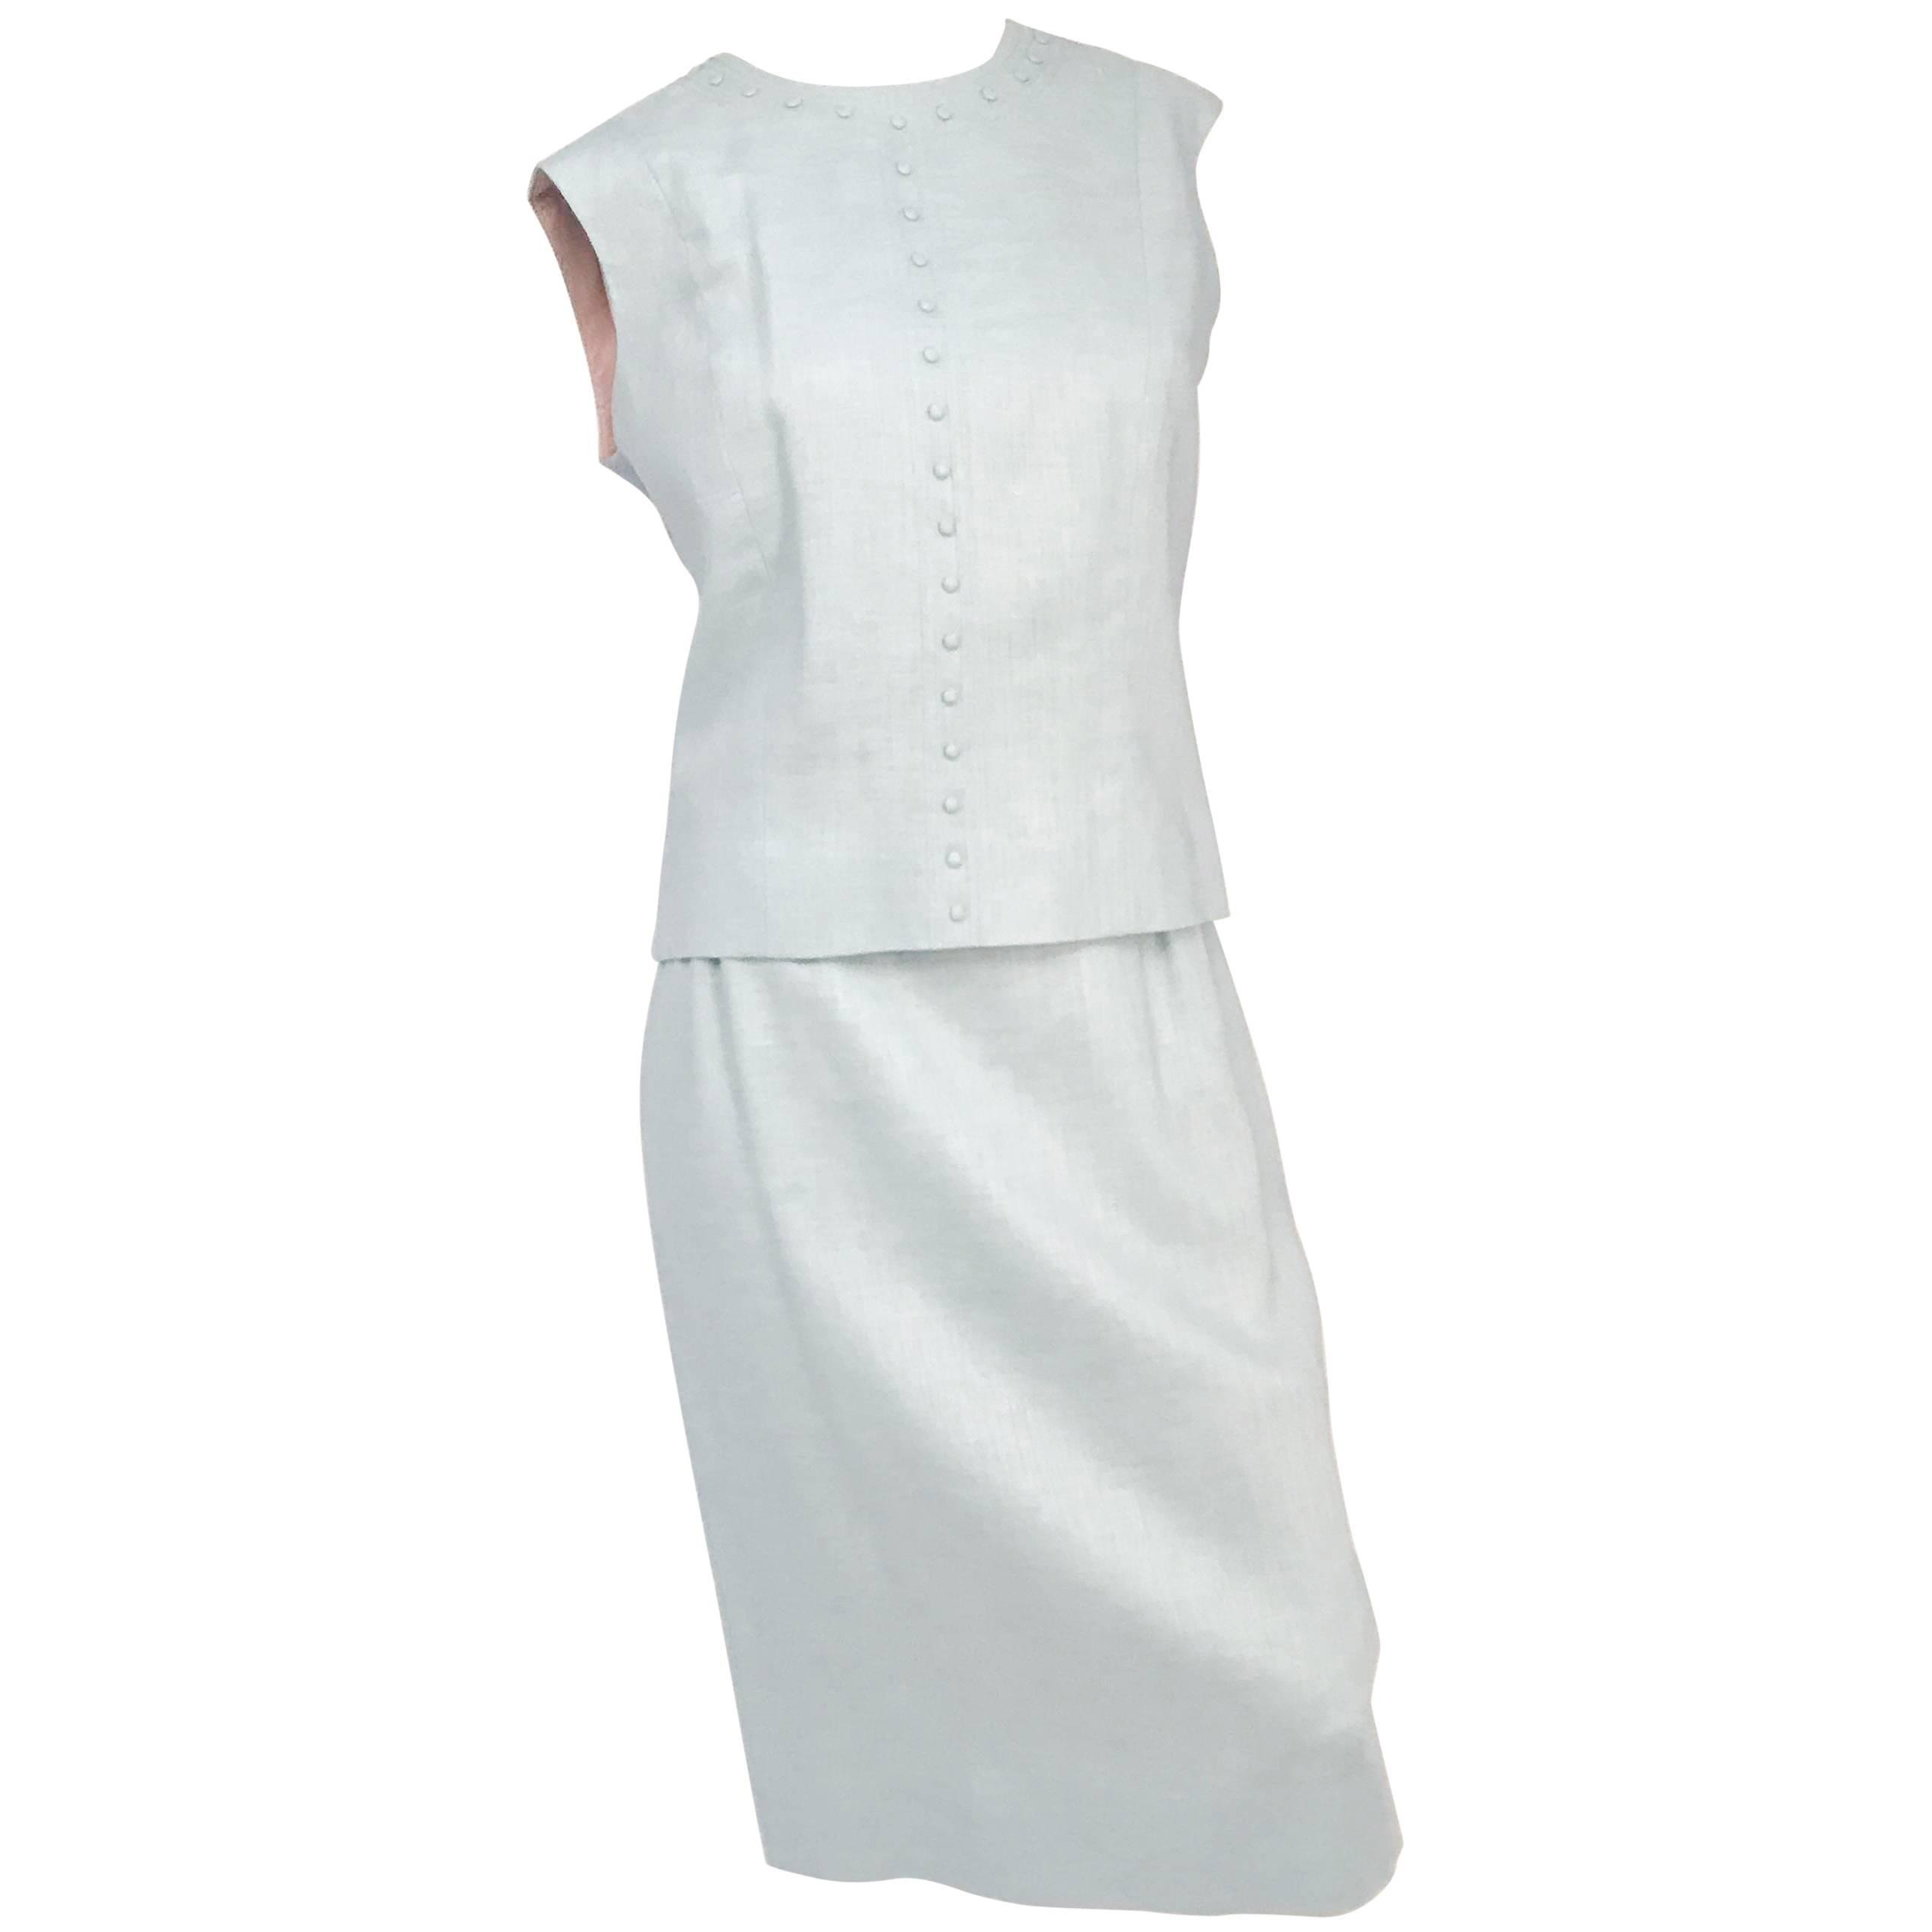 1960s Light Blue Linen Skirt/Top Set